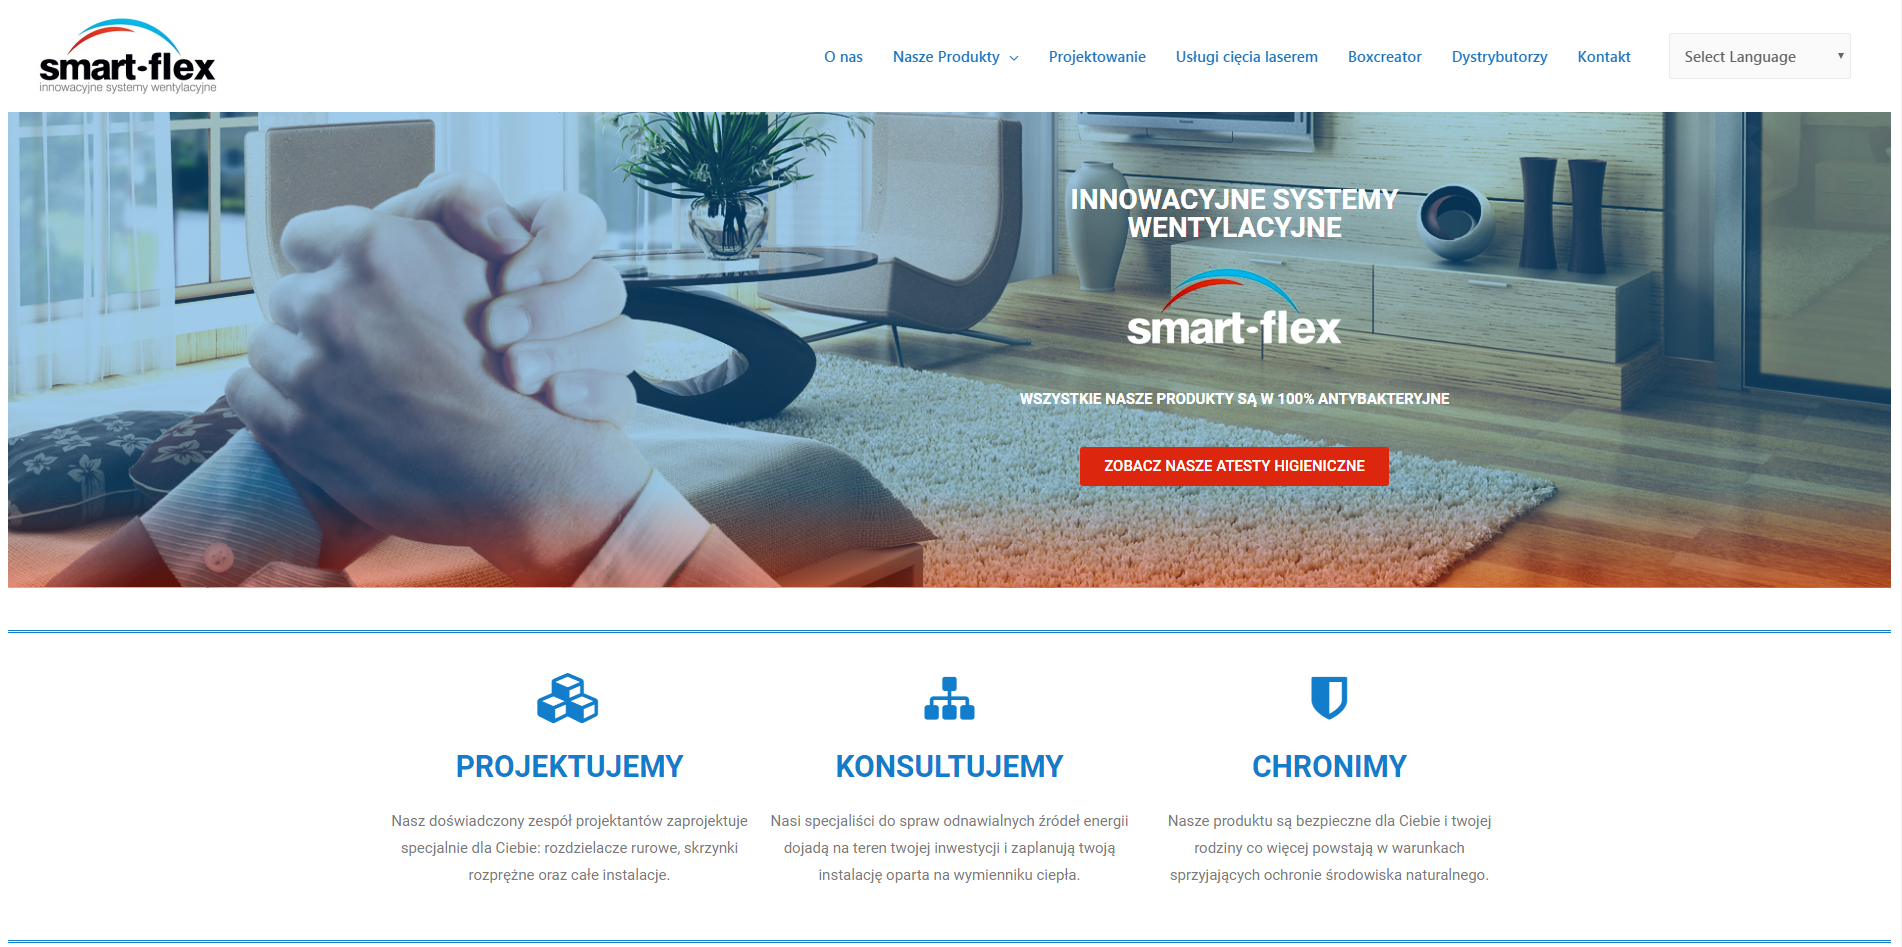 smar-flex.com.pl